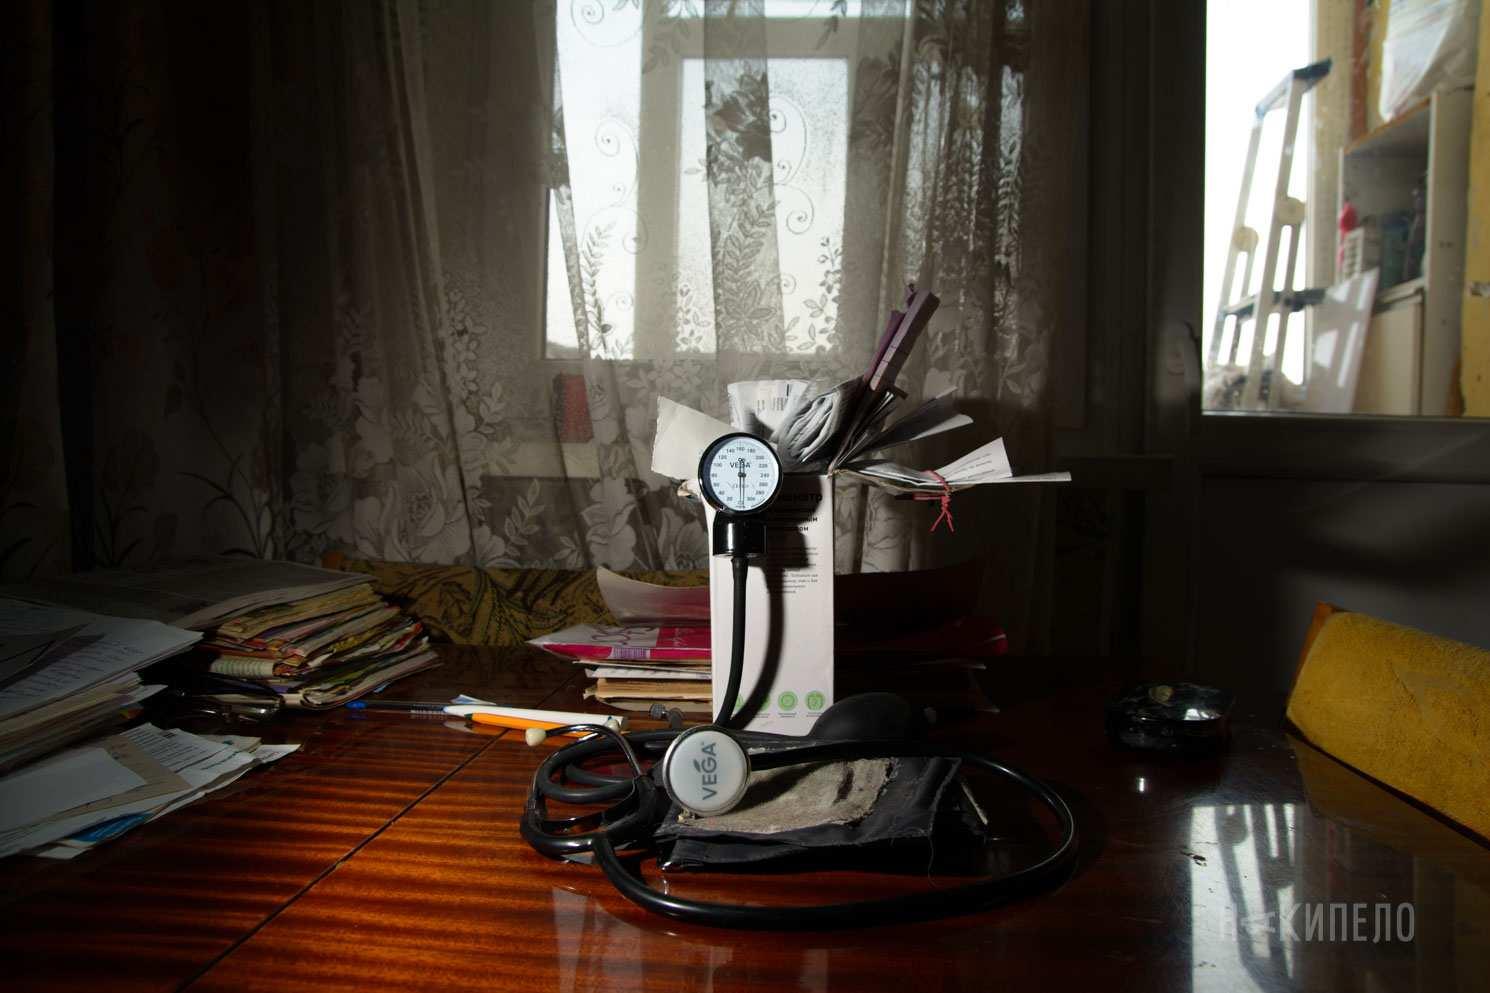 накипело старость здоровье пенсия бардак фонендоскоп лекартсва реформа